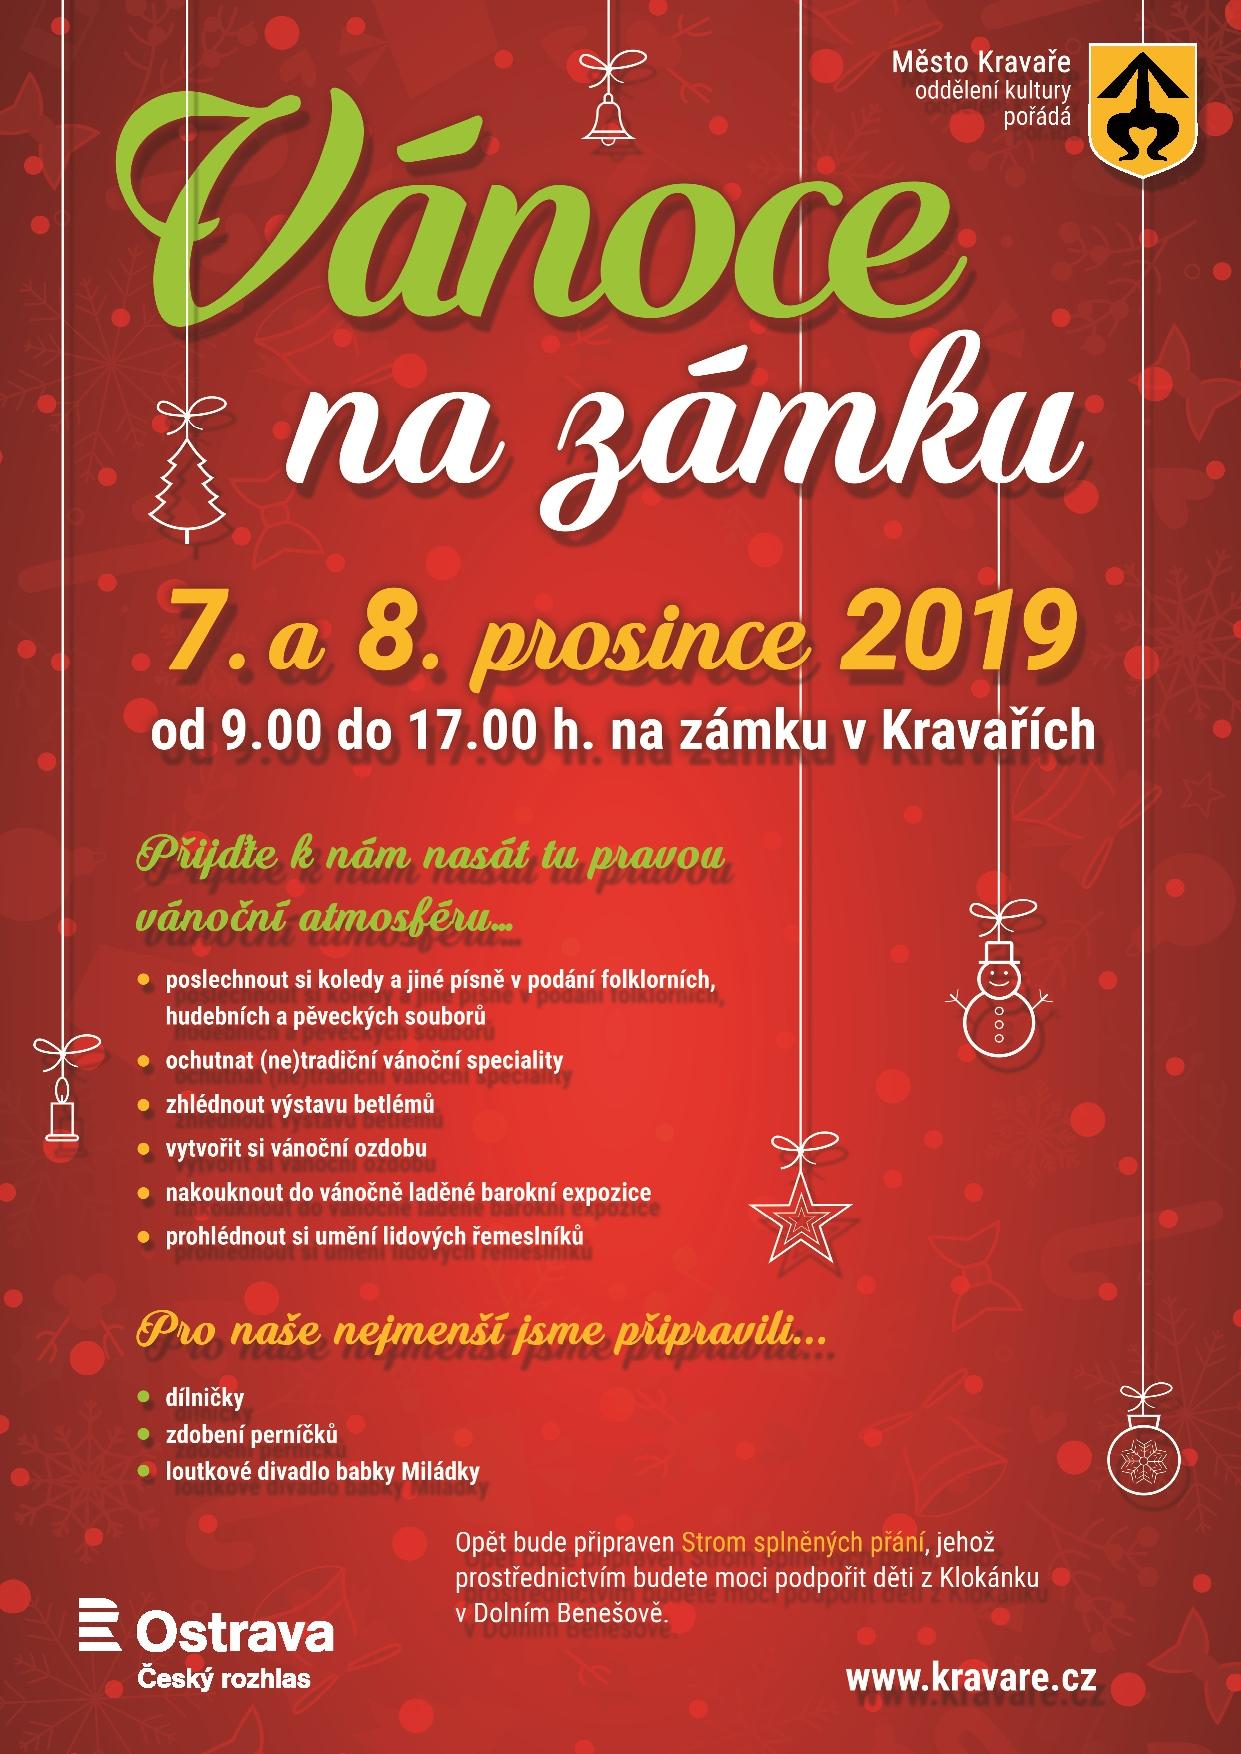 Vánoce na zámku Kravaře2019